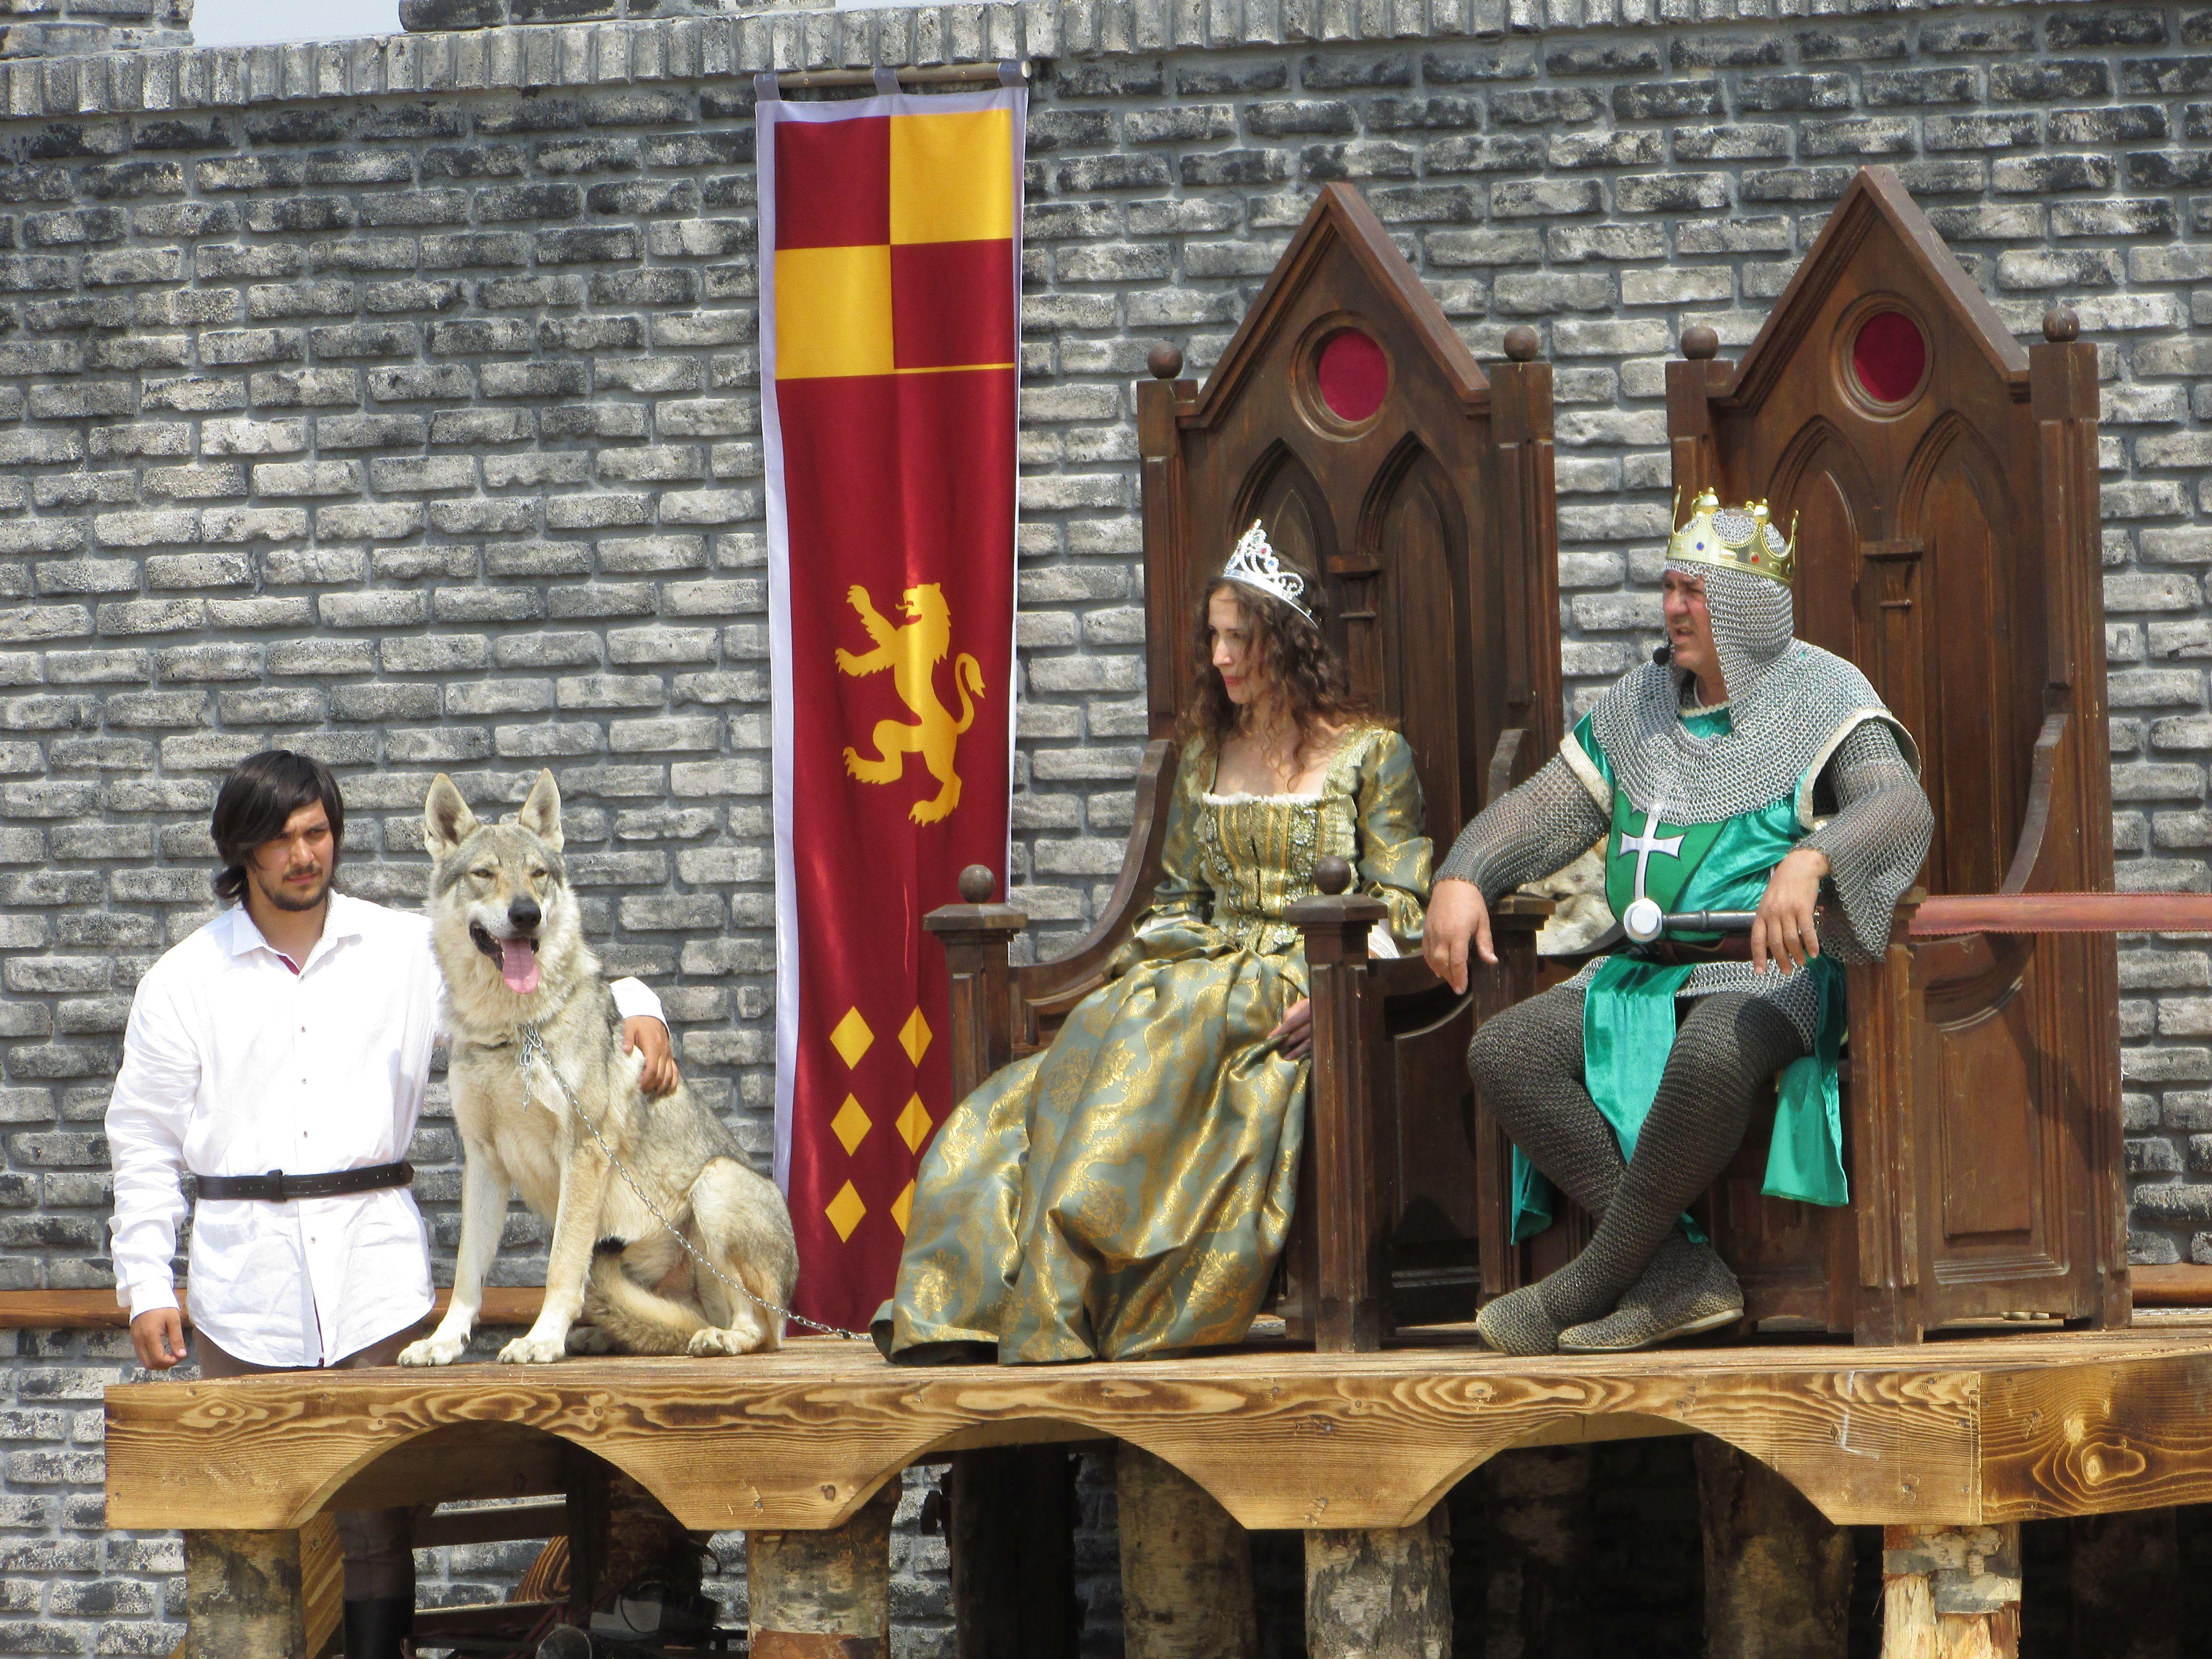 lupul langa rege si printesa